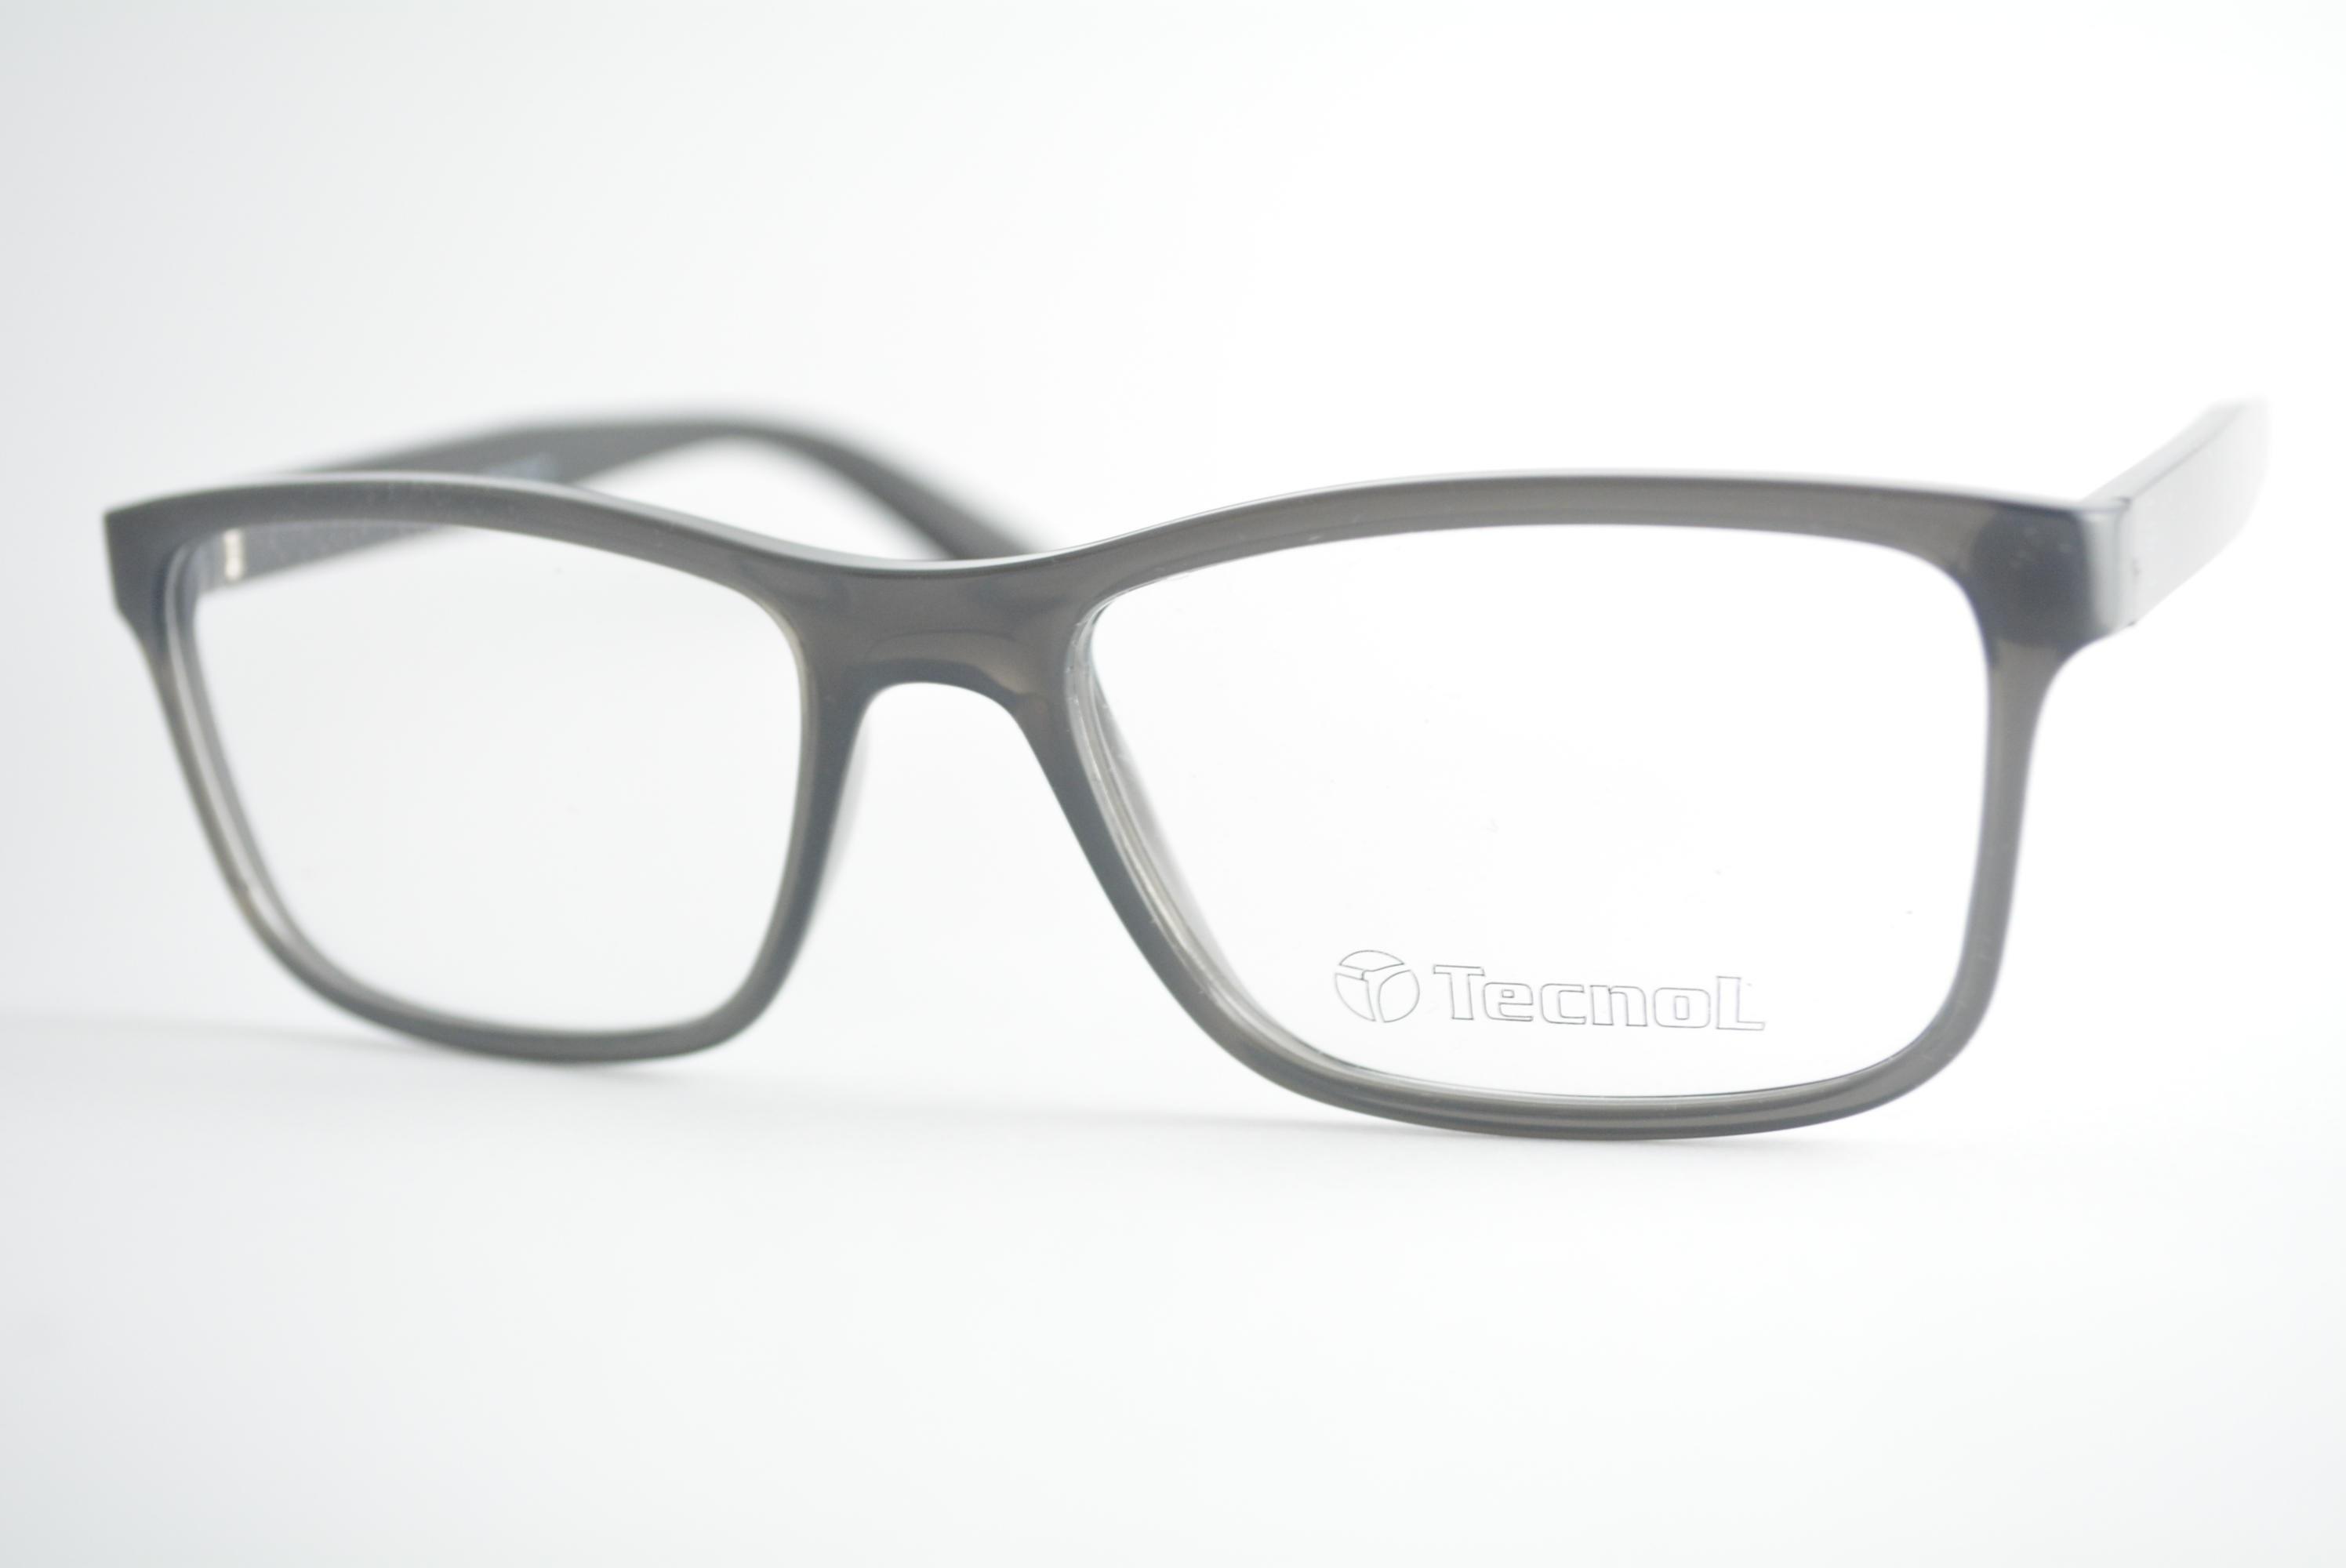 armação de óculos Tecnol mod tn3048 f682 Ótica Cardoso 451b350b2e